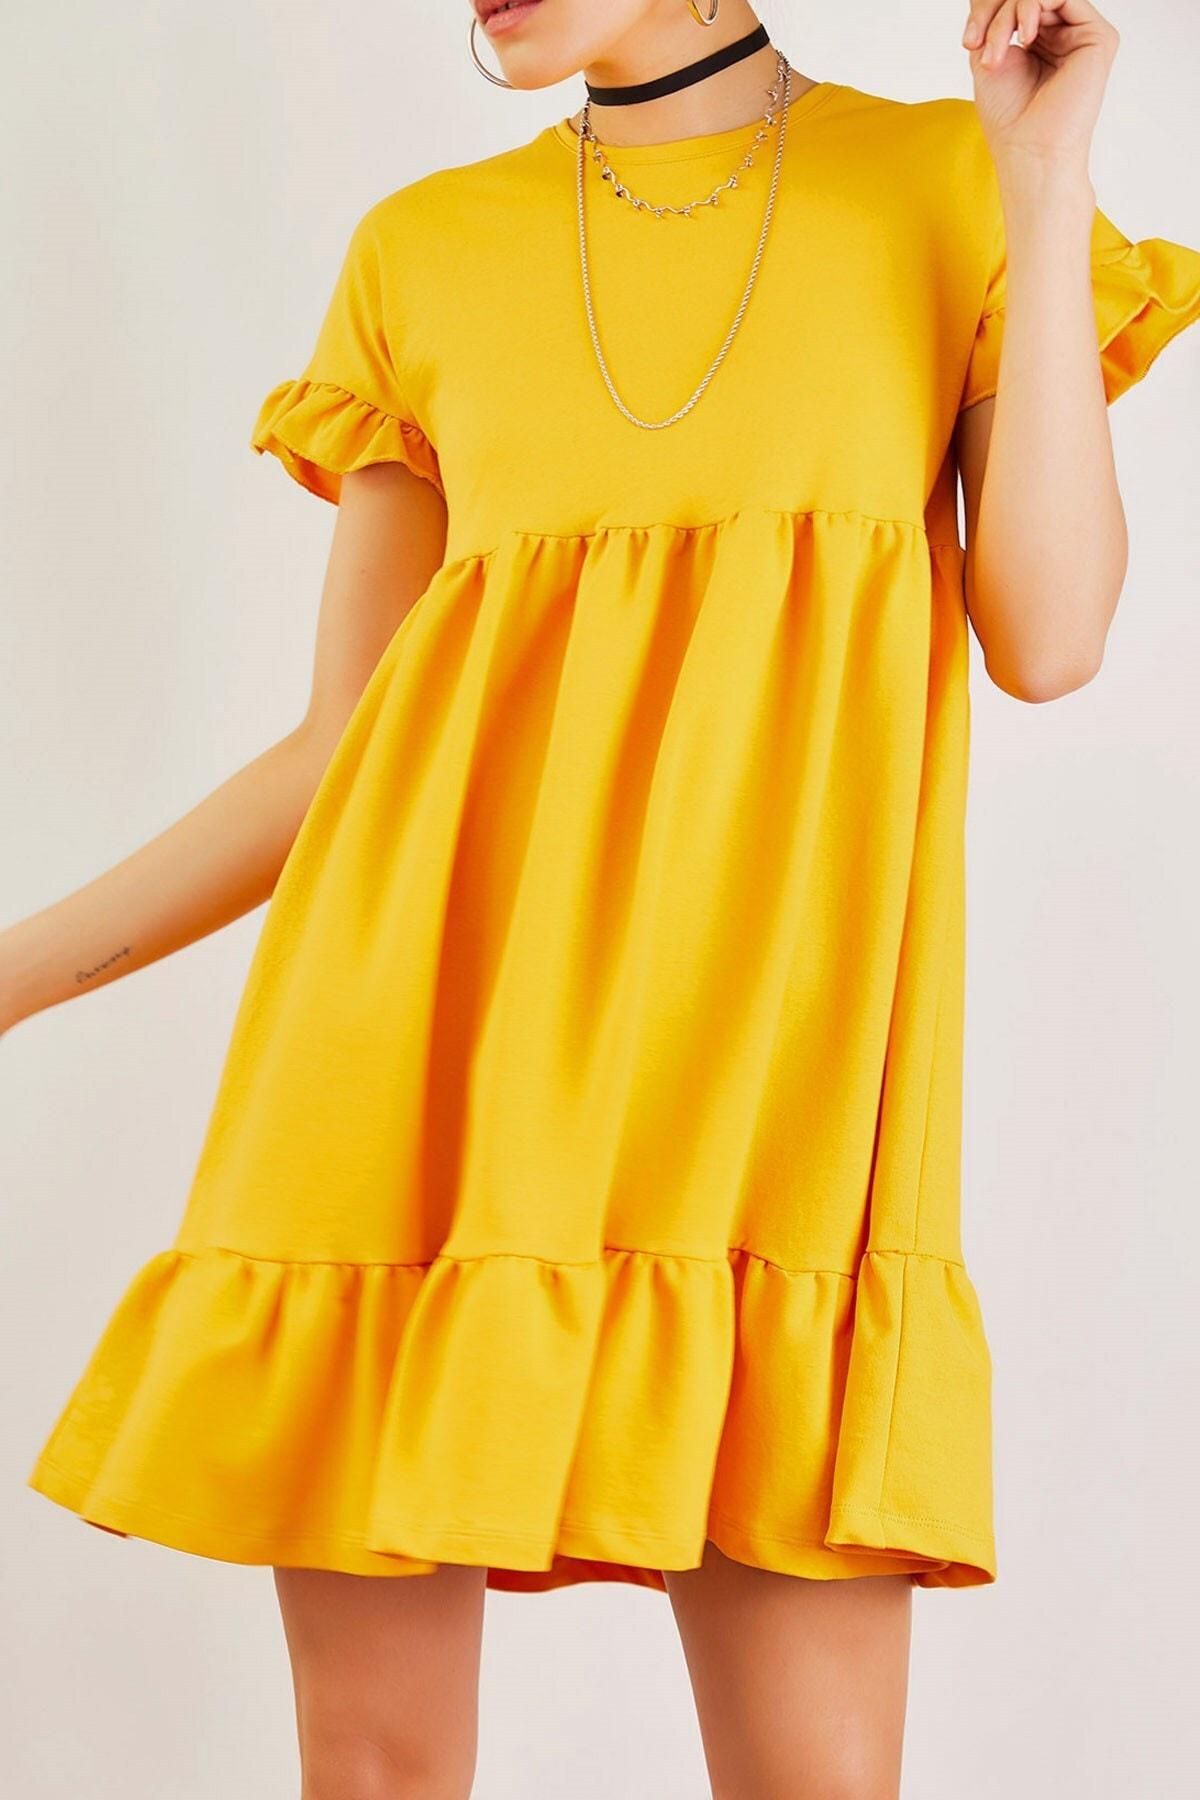 Boutiquen Kadın Hardal Eteği Ve Kolu Büzgülü Elbise 12215